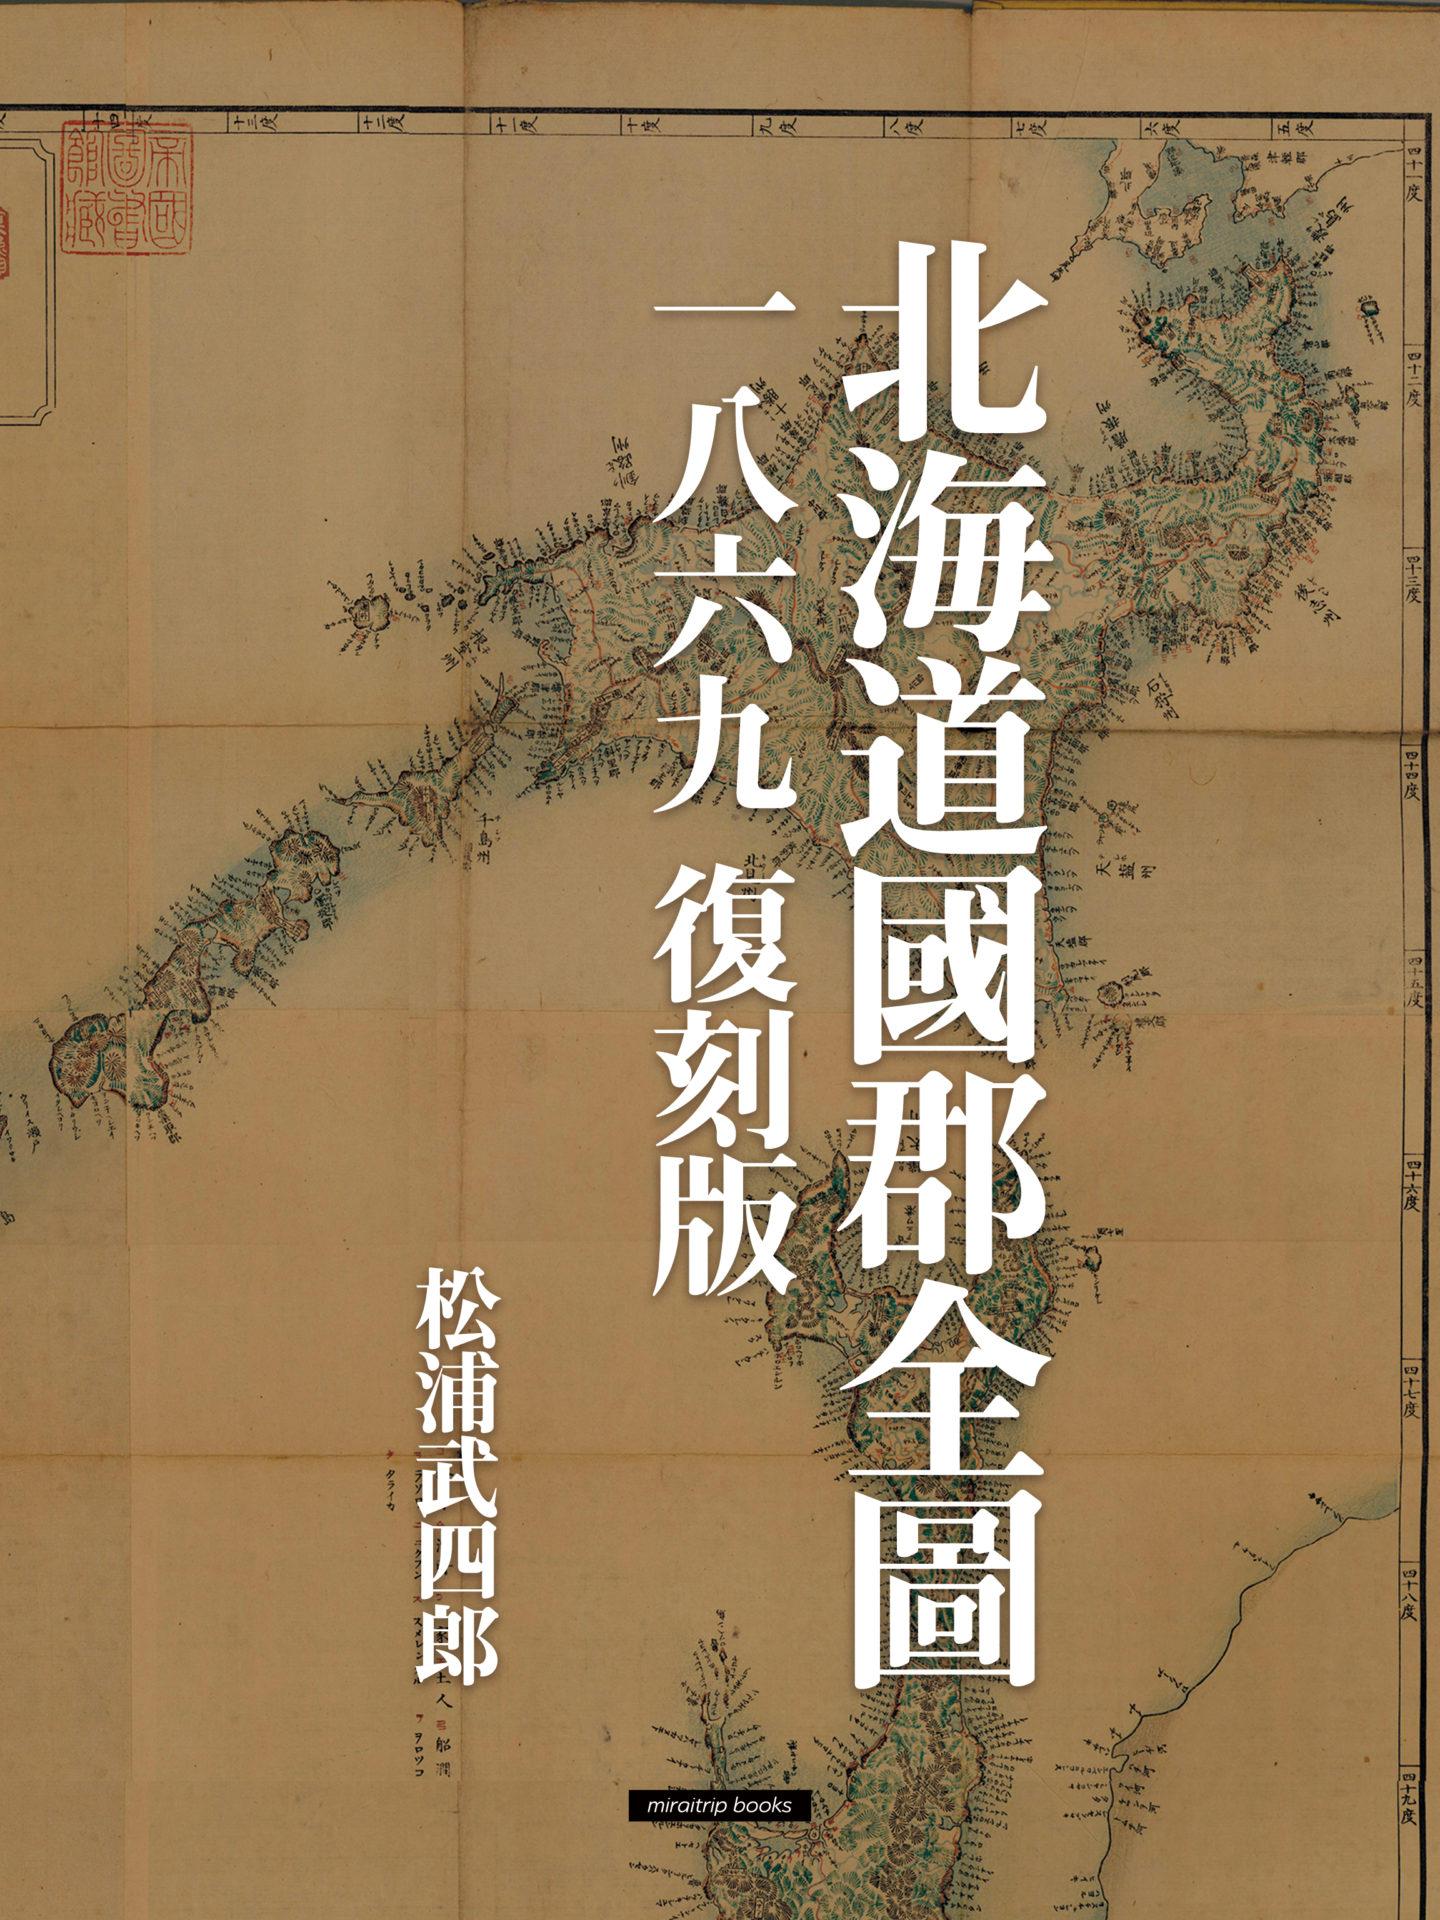 北海道国郡全図1869 復刻版 松浦武四郎